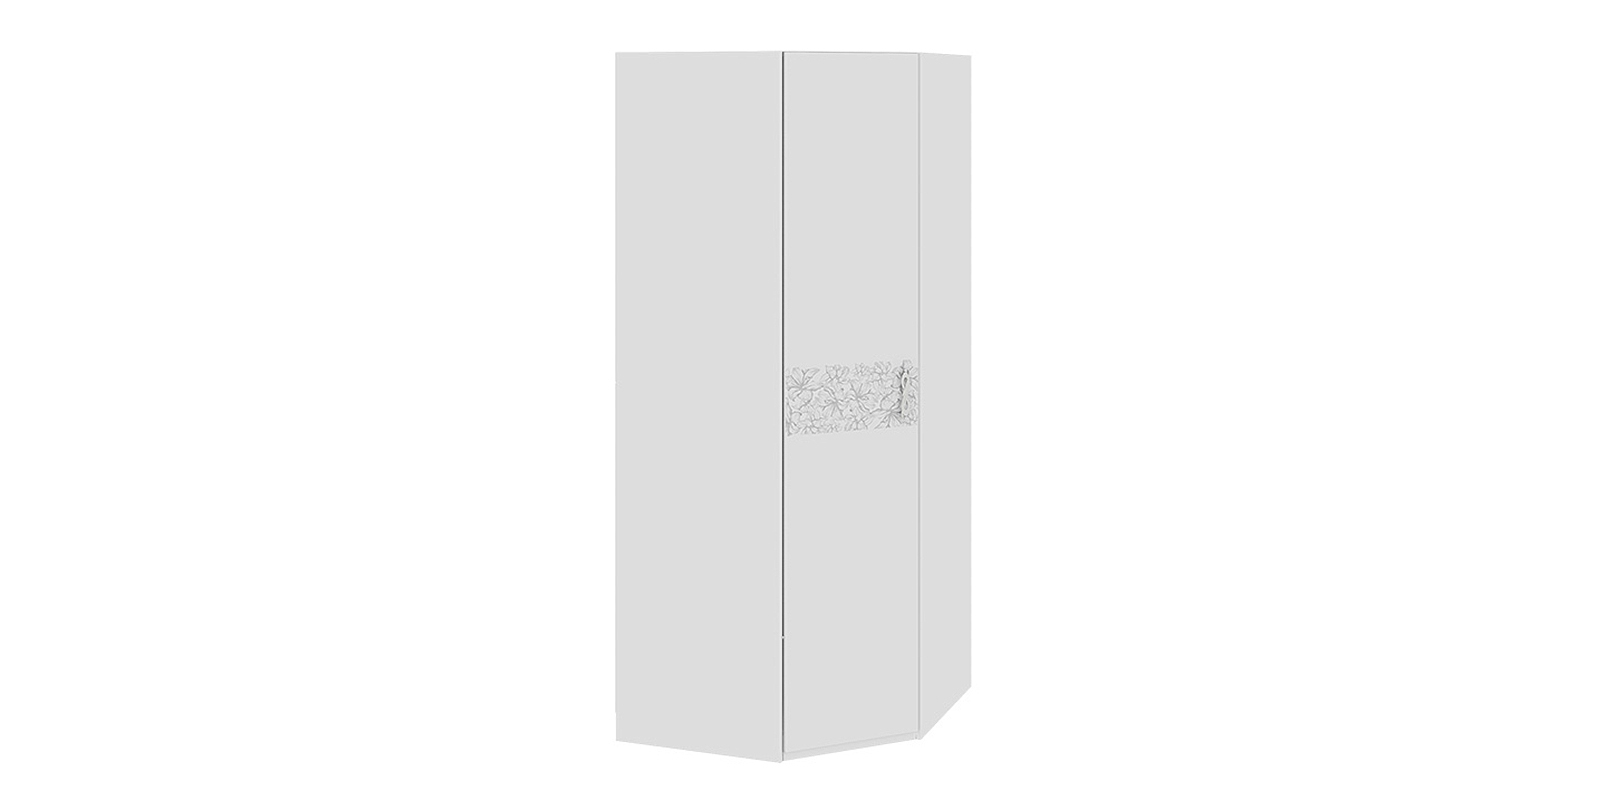 Шкаф распашной угловой Давос (белый матовый)